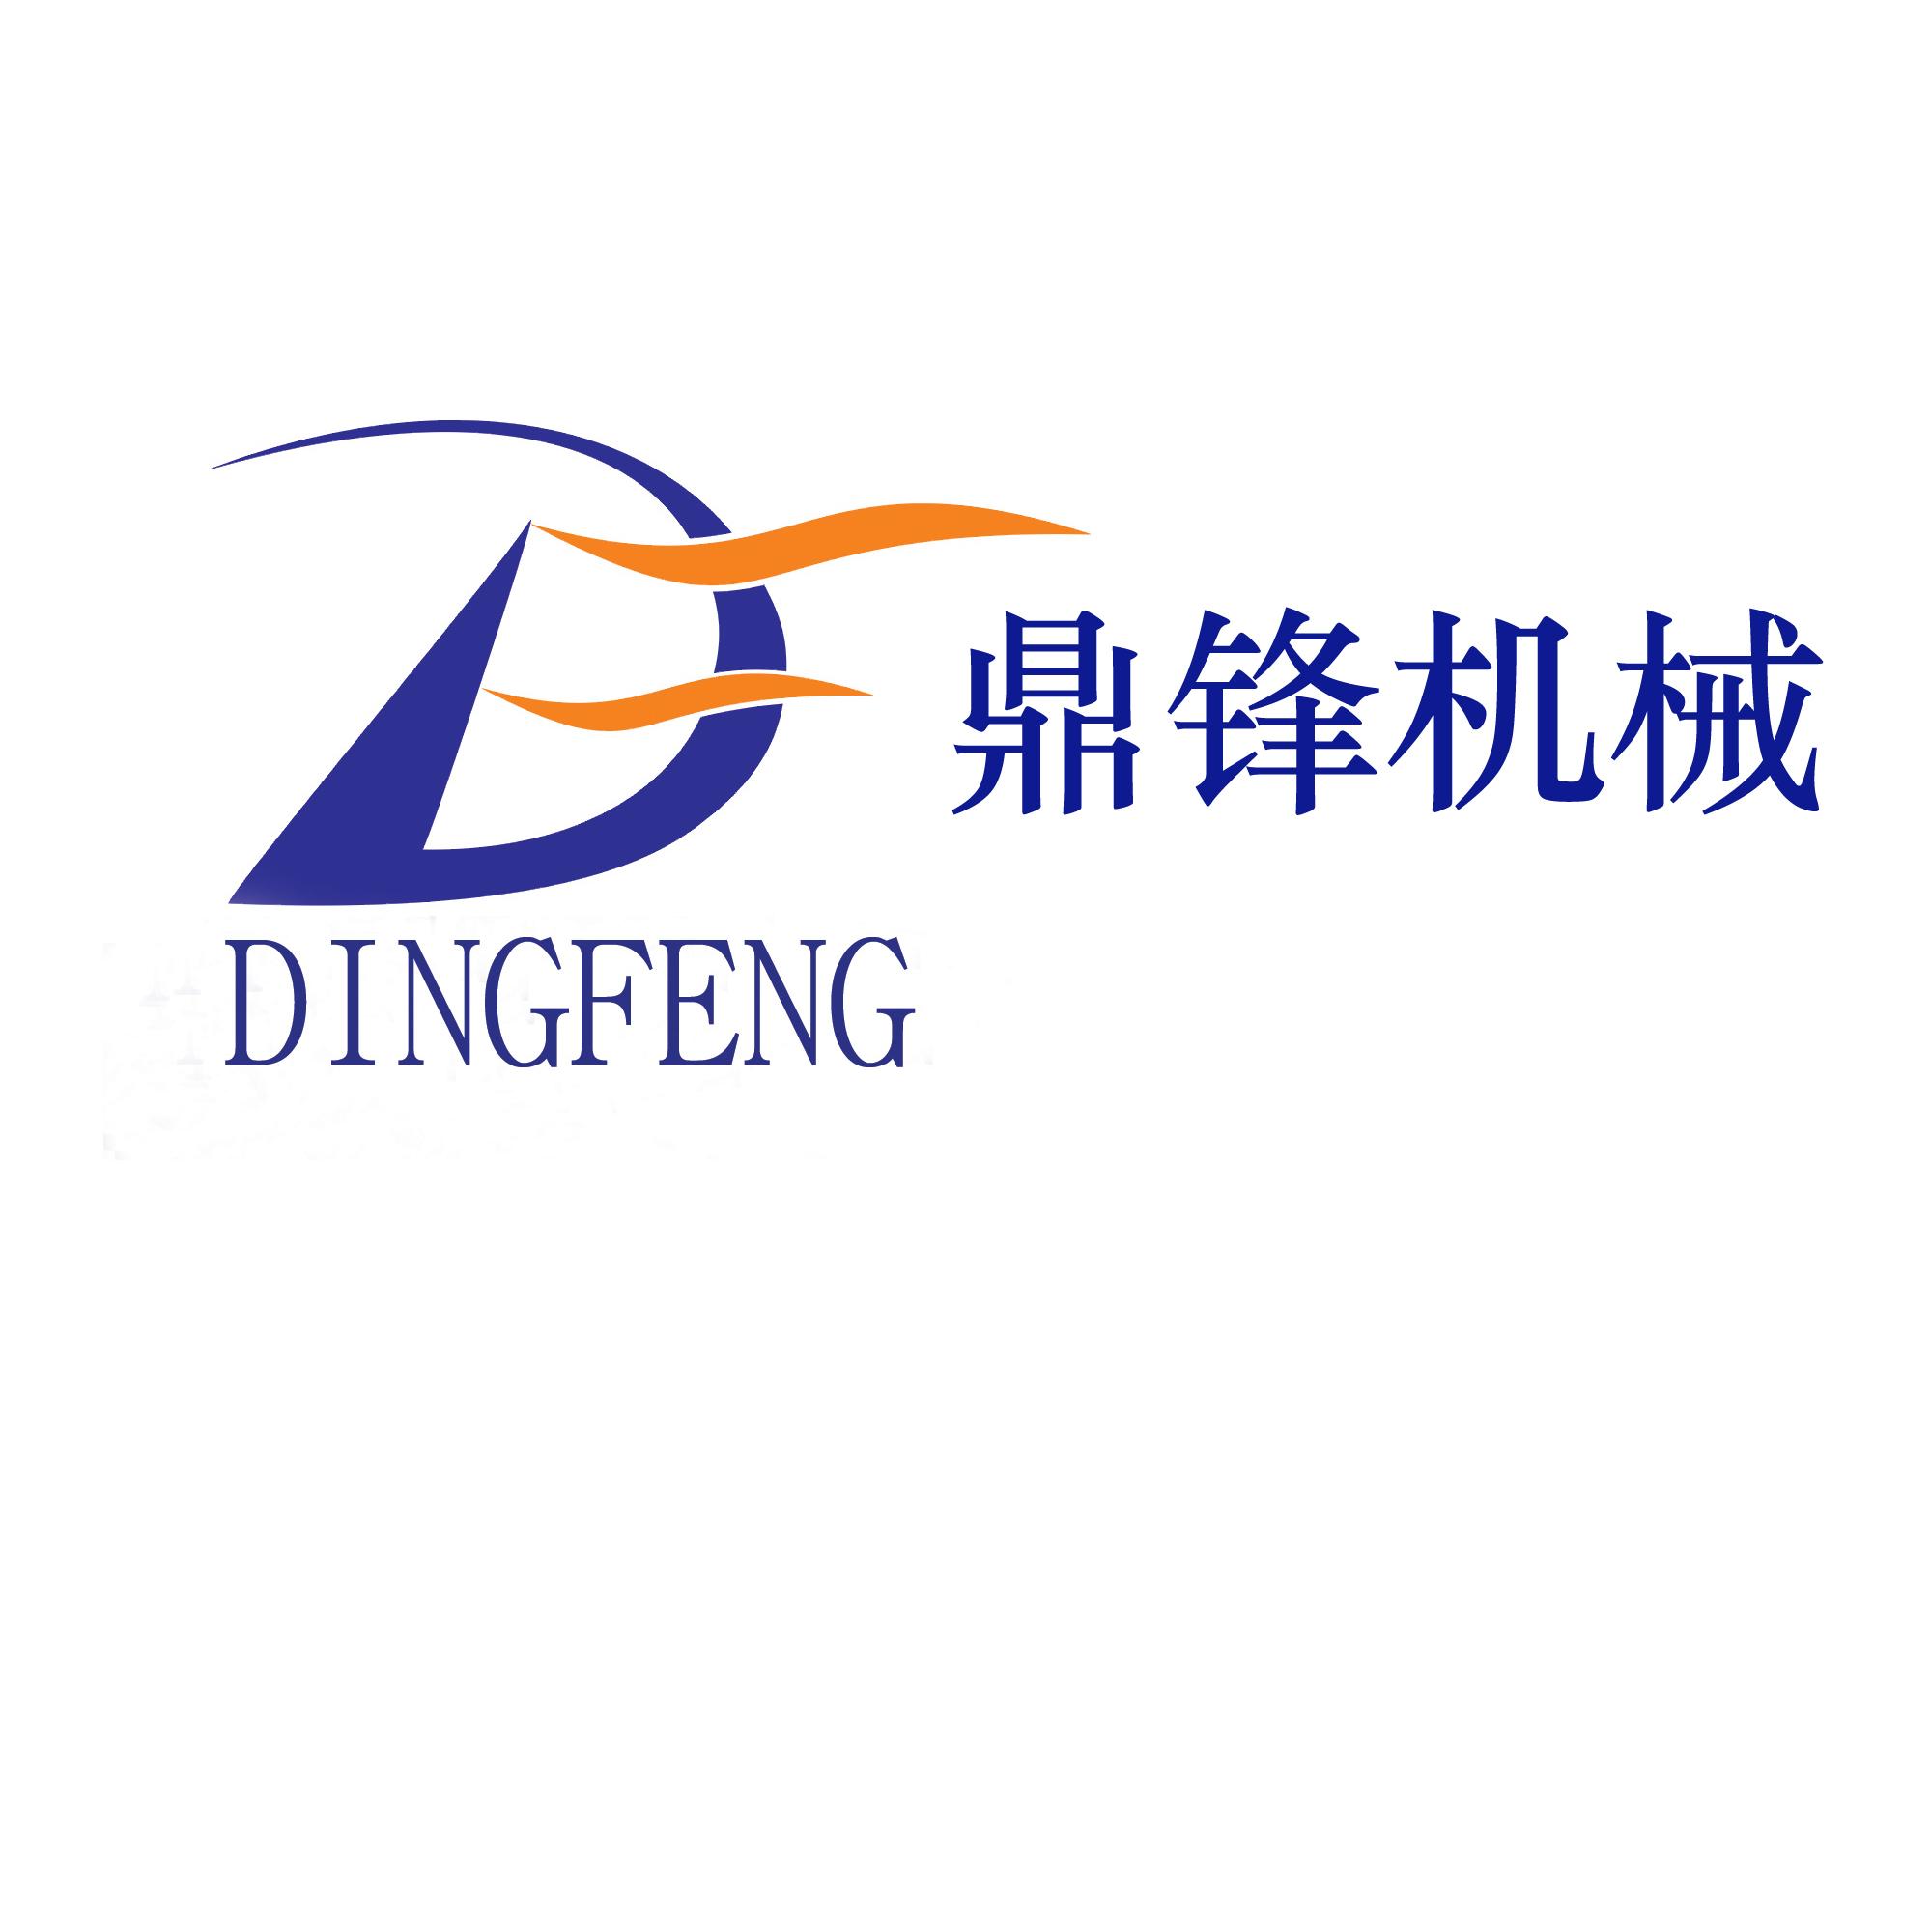 广州鼎锋包装机械制造有限公司